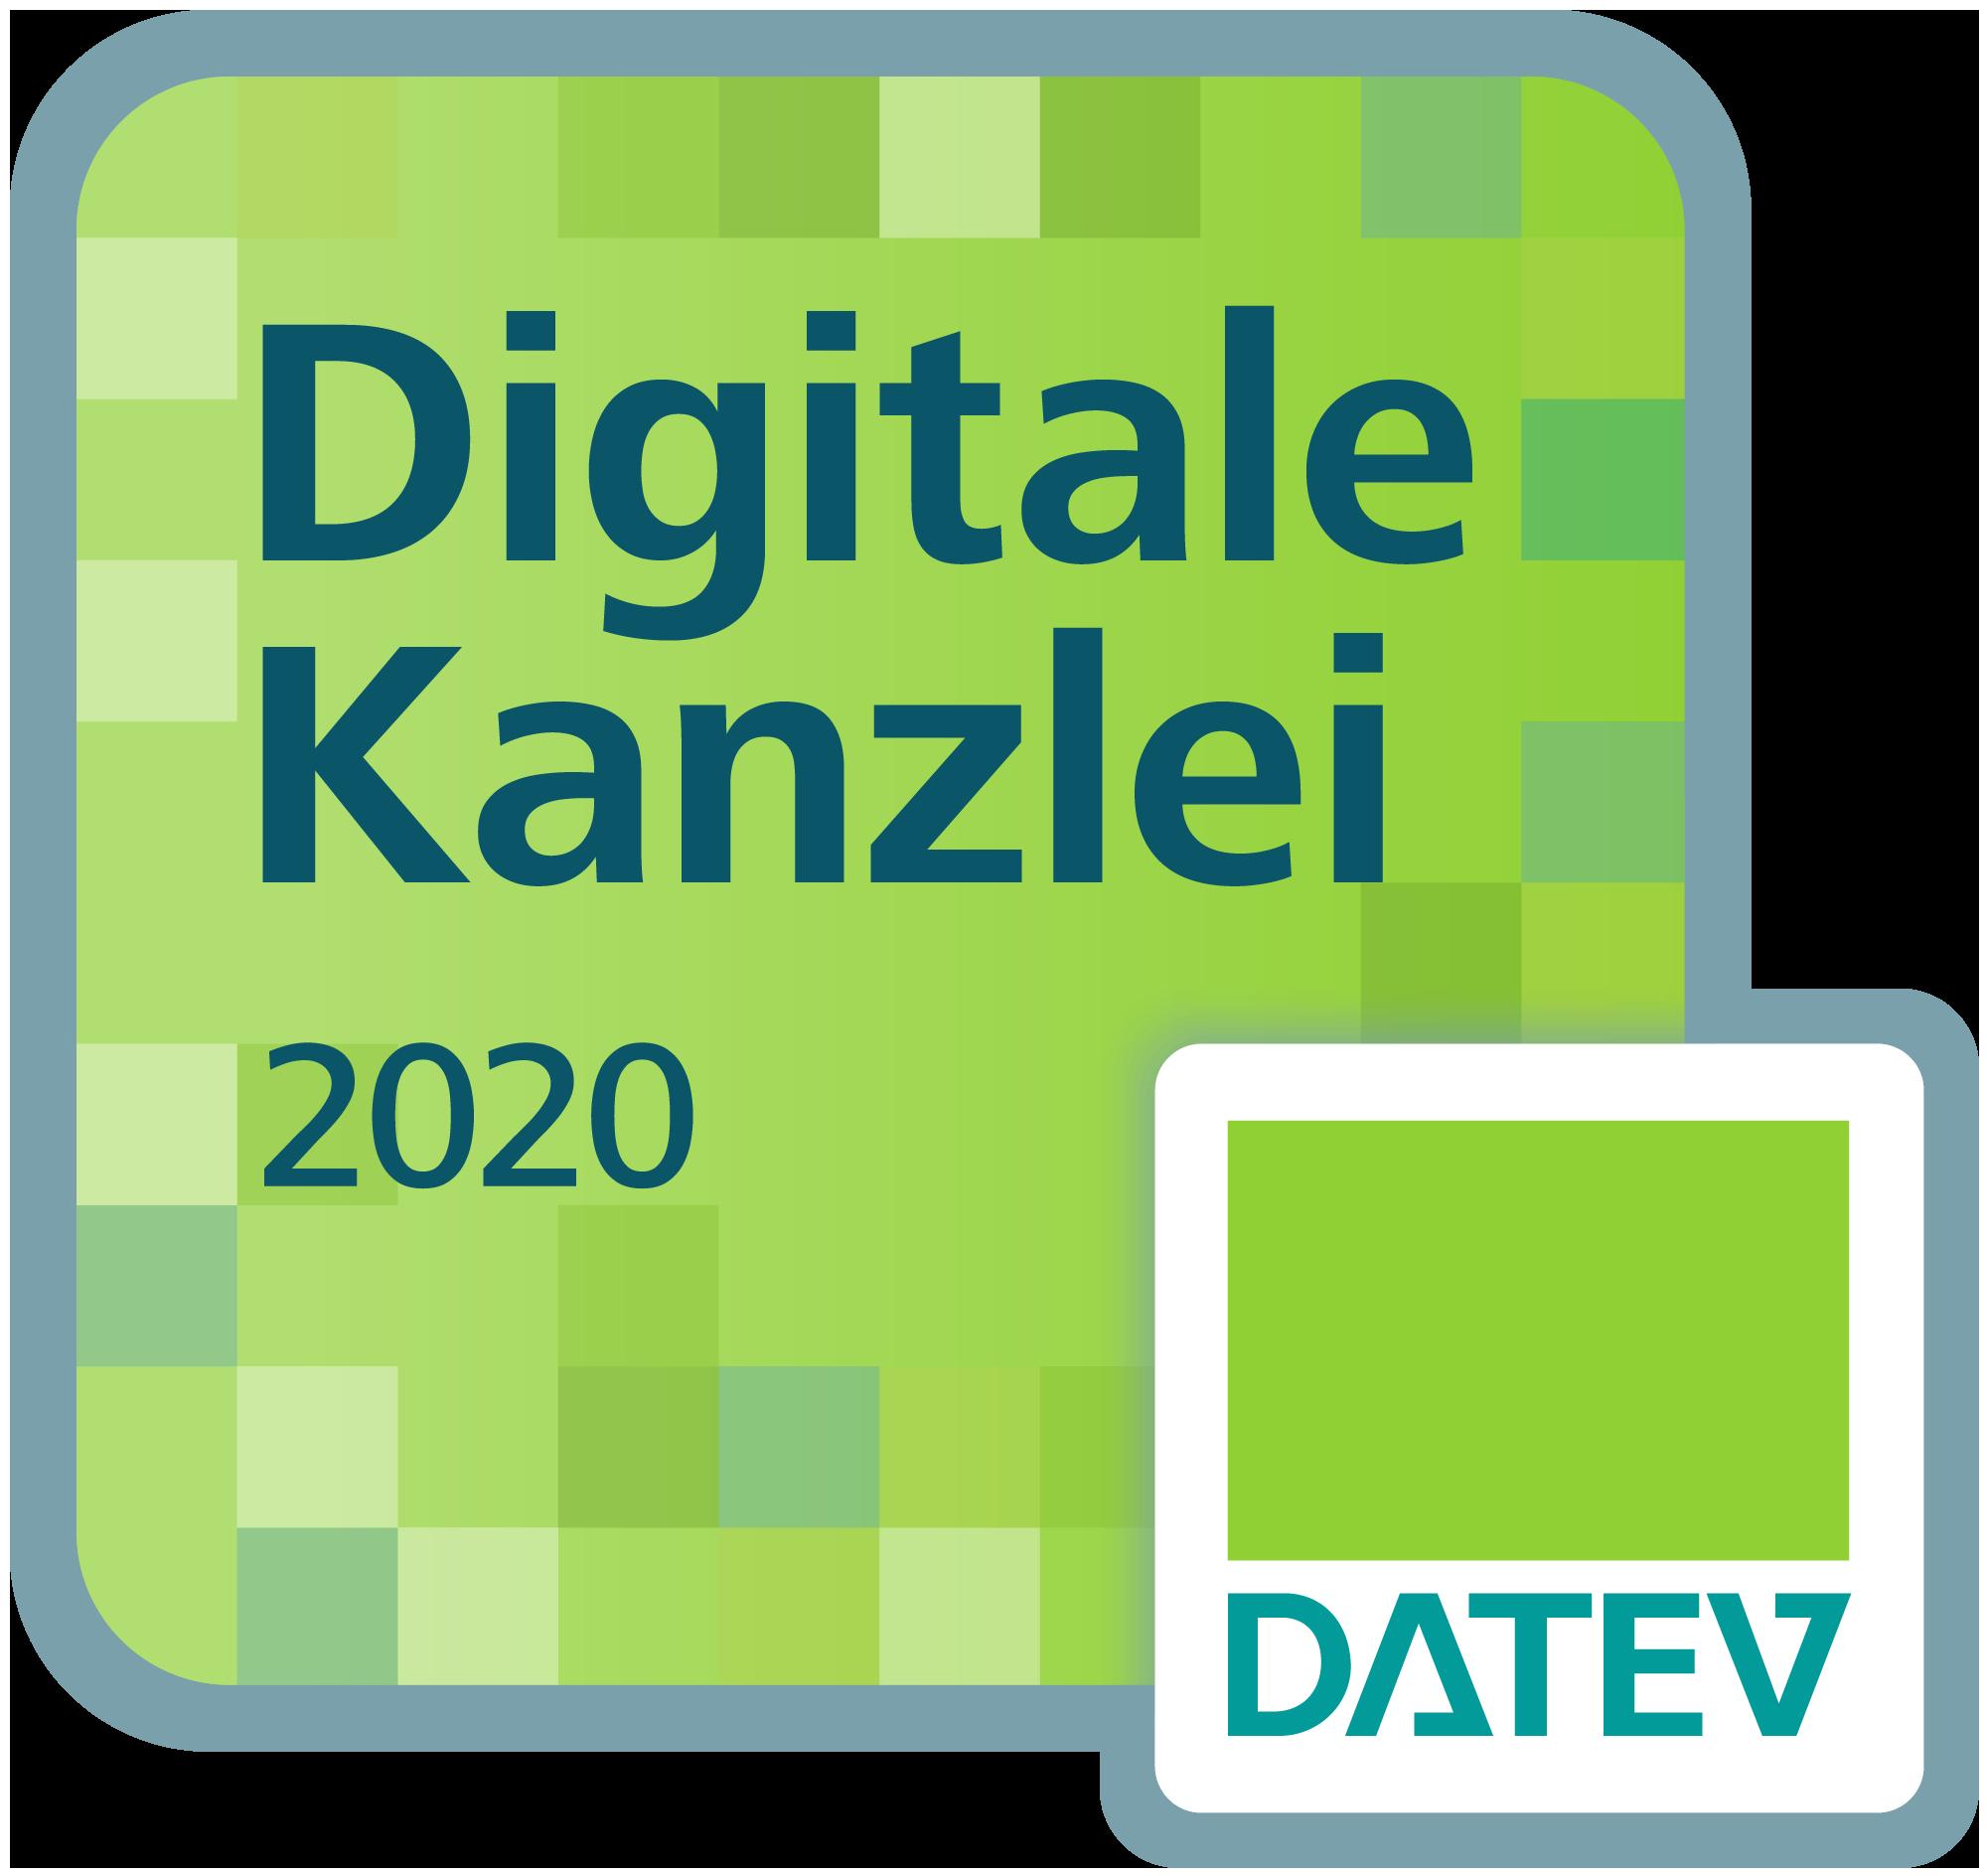 DATEV - Digitale Kanzlei 2020